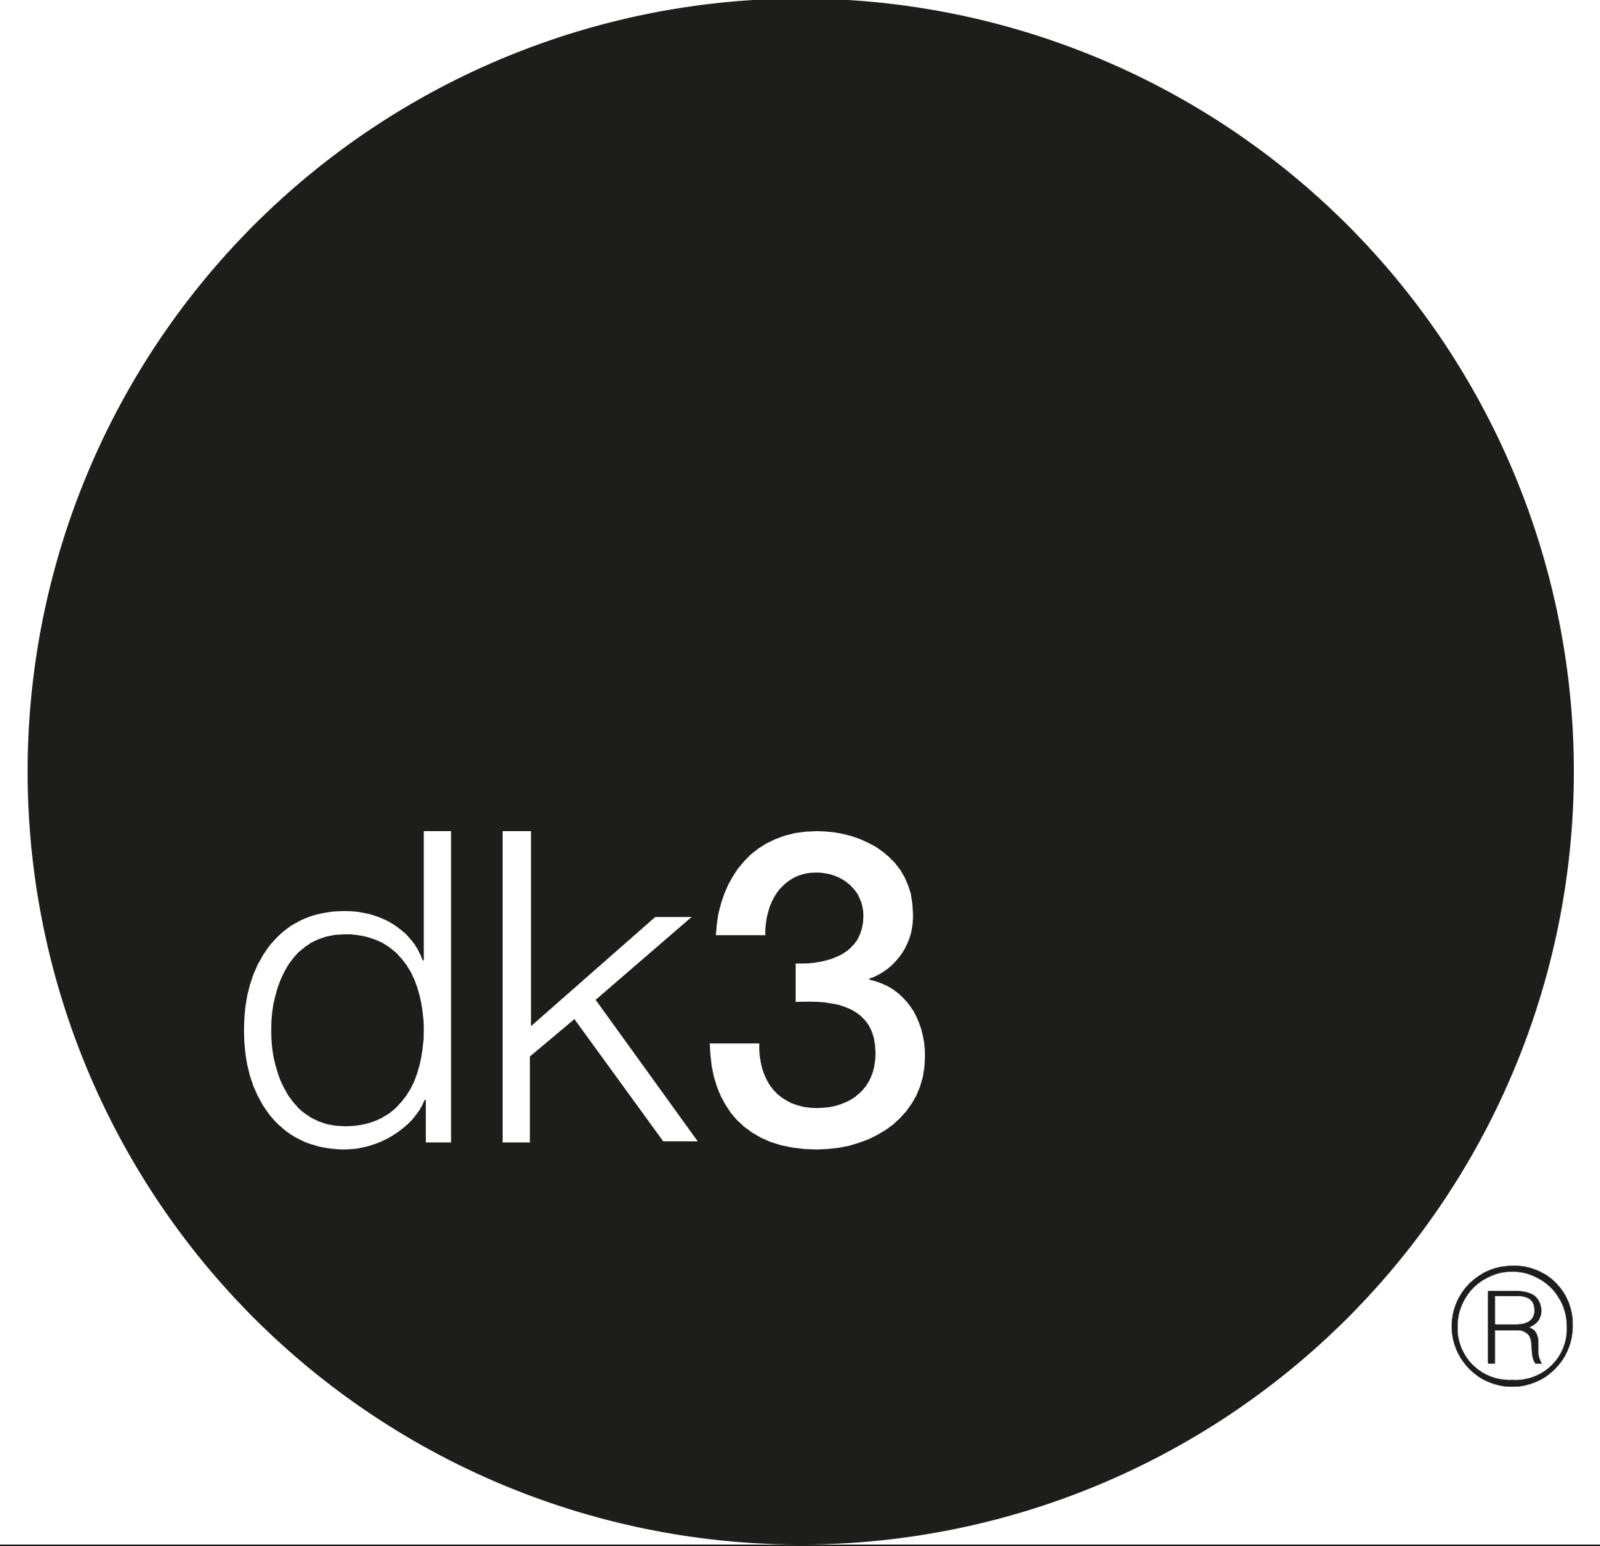 logo-dk3